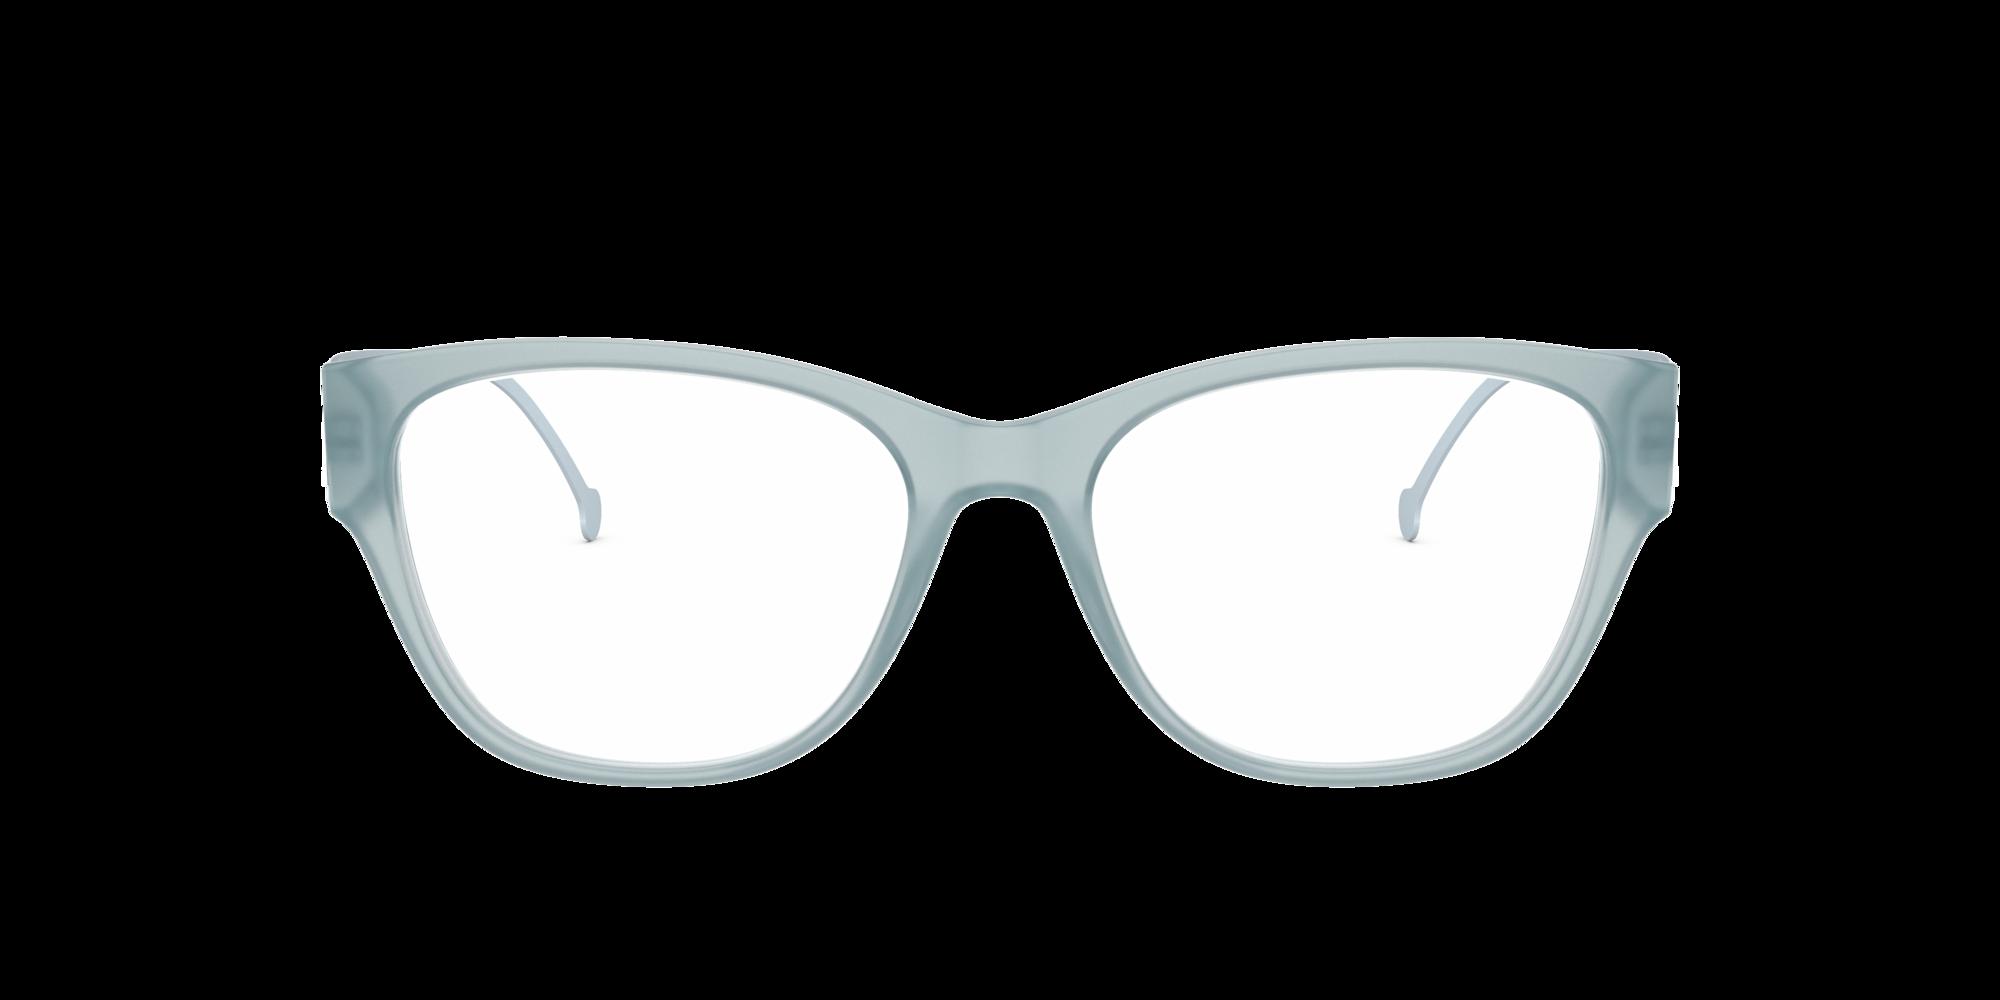 Imagen para AR7169 de LensCrafters |  Espejuelos, espejuelos graduados en línea, gafas